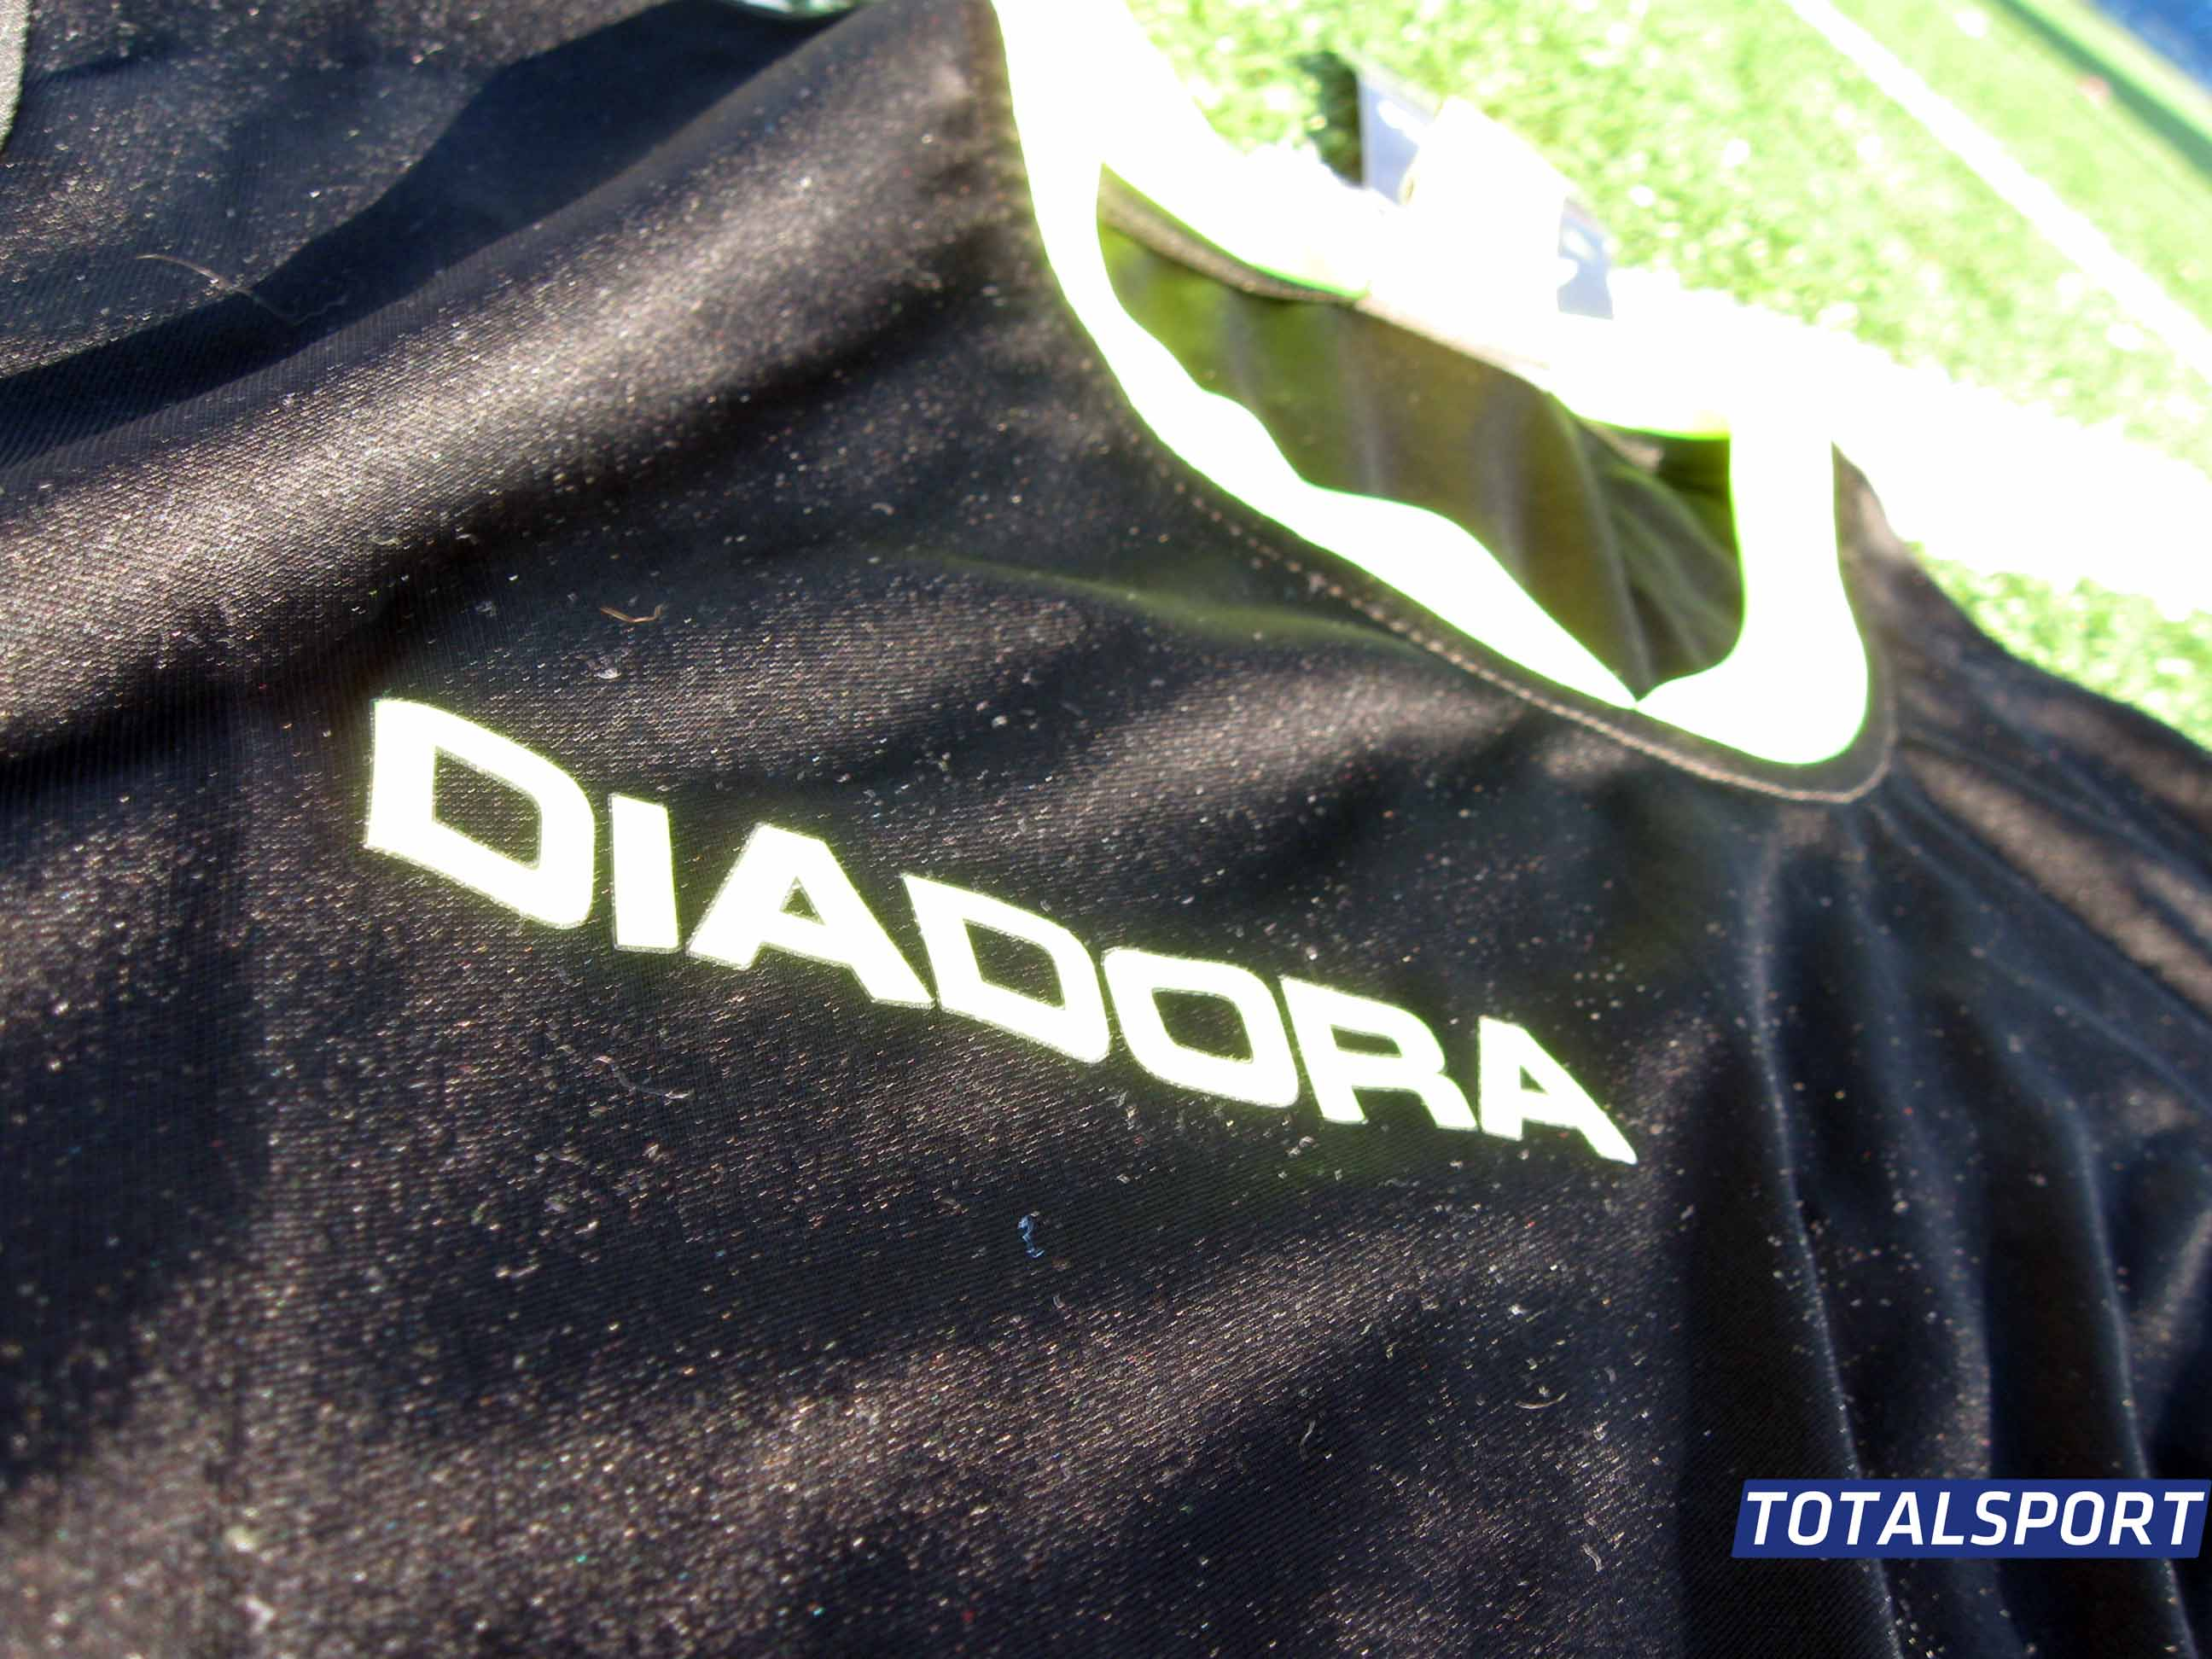 купить Diadora L.A.logo